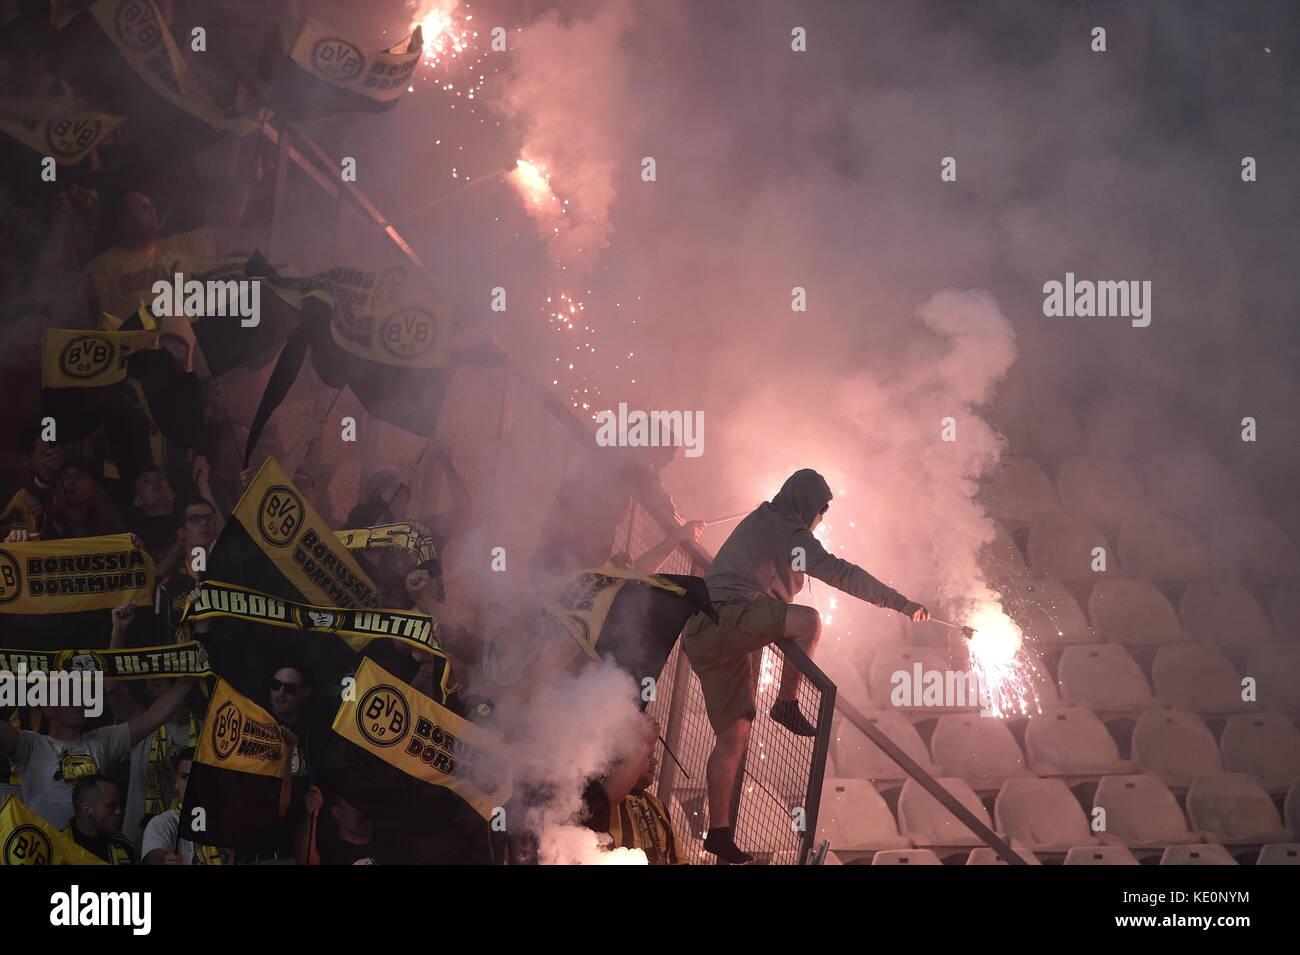 Nikosia, Zypern. 17 Okt, 2017. Dortmund fans Licht Feuerwerk in der steht in der Champions League Gruppenphase qualifikationsspiel Stockbild